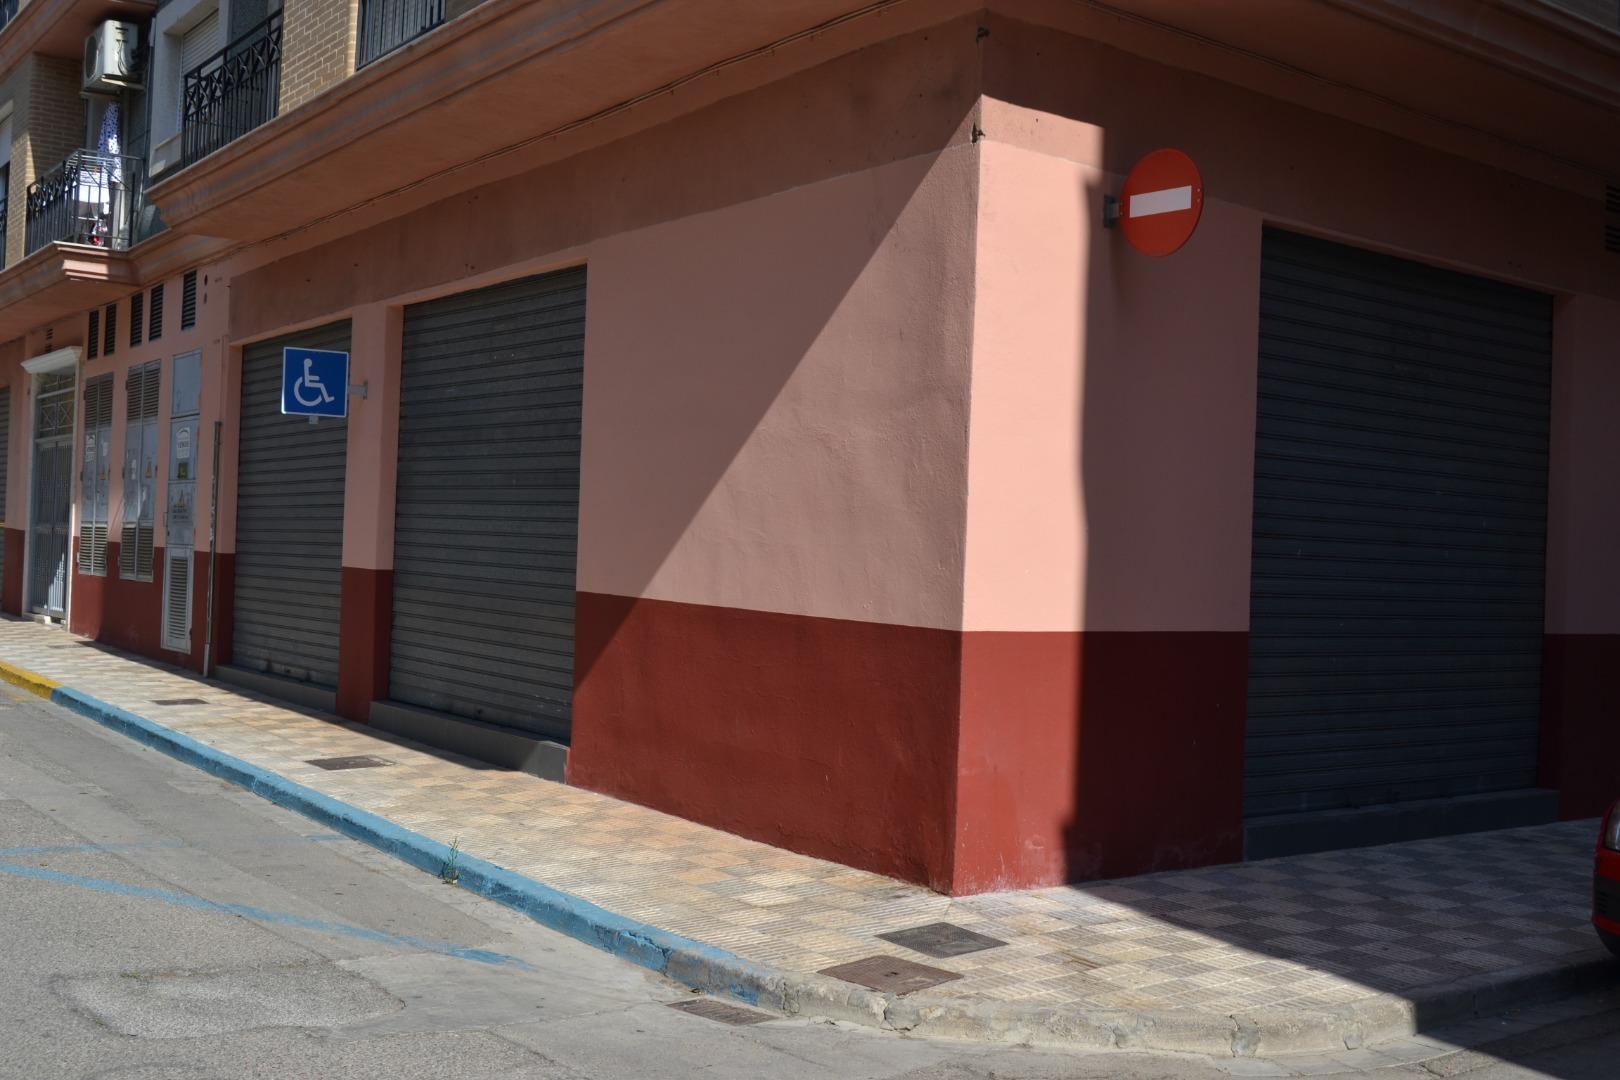 Lloguer Local Comercial  La pau, 5. !restaurante sin traspaso en alcacer!